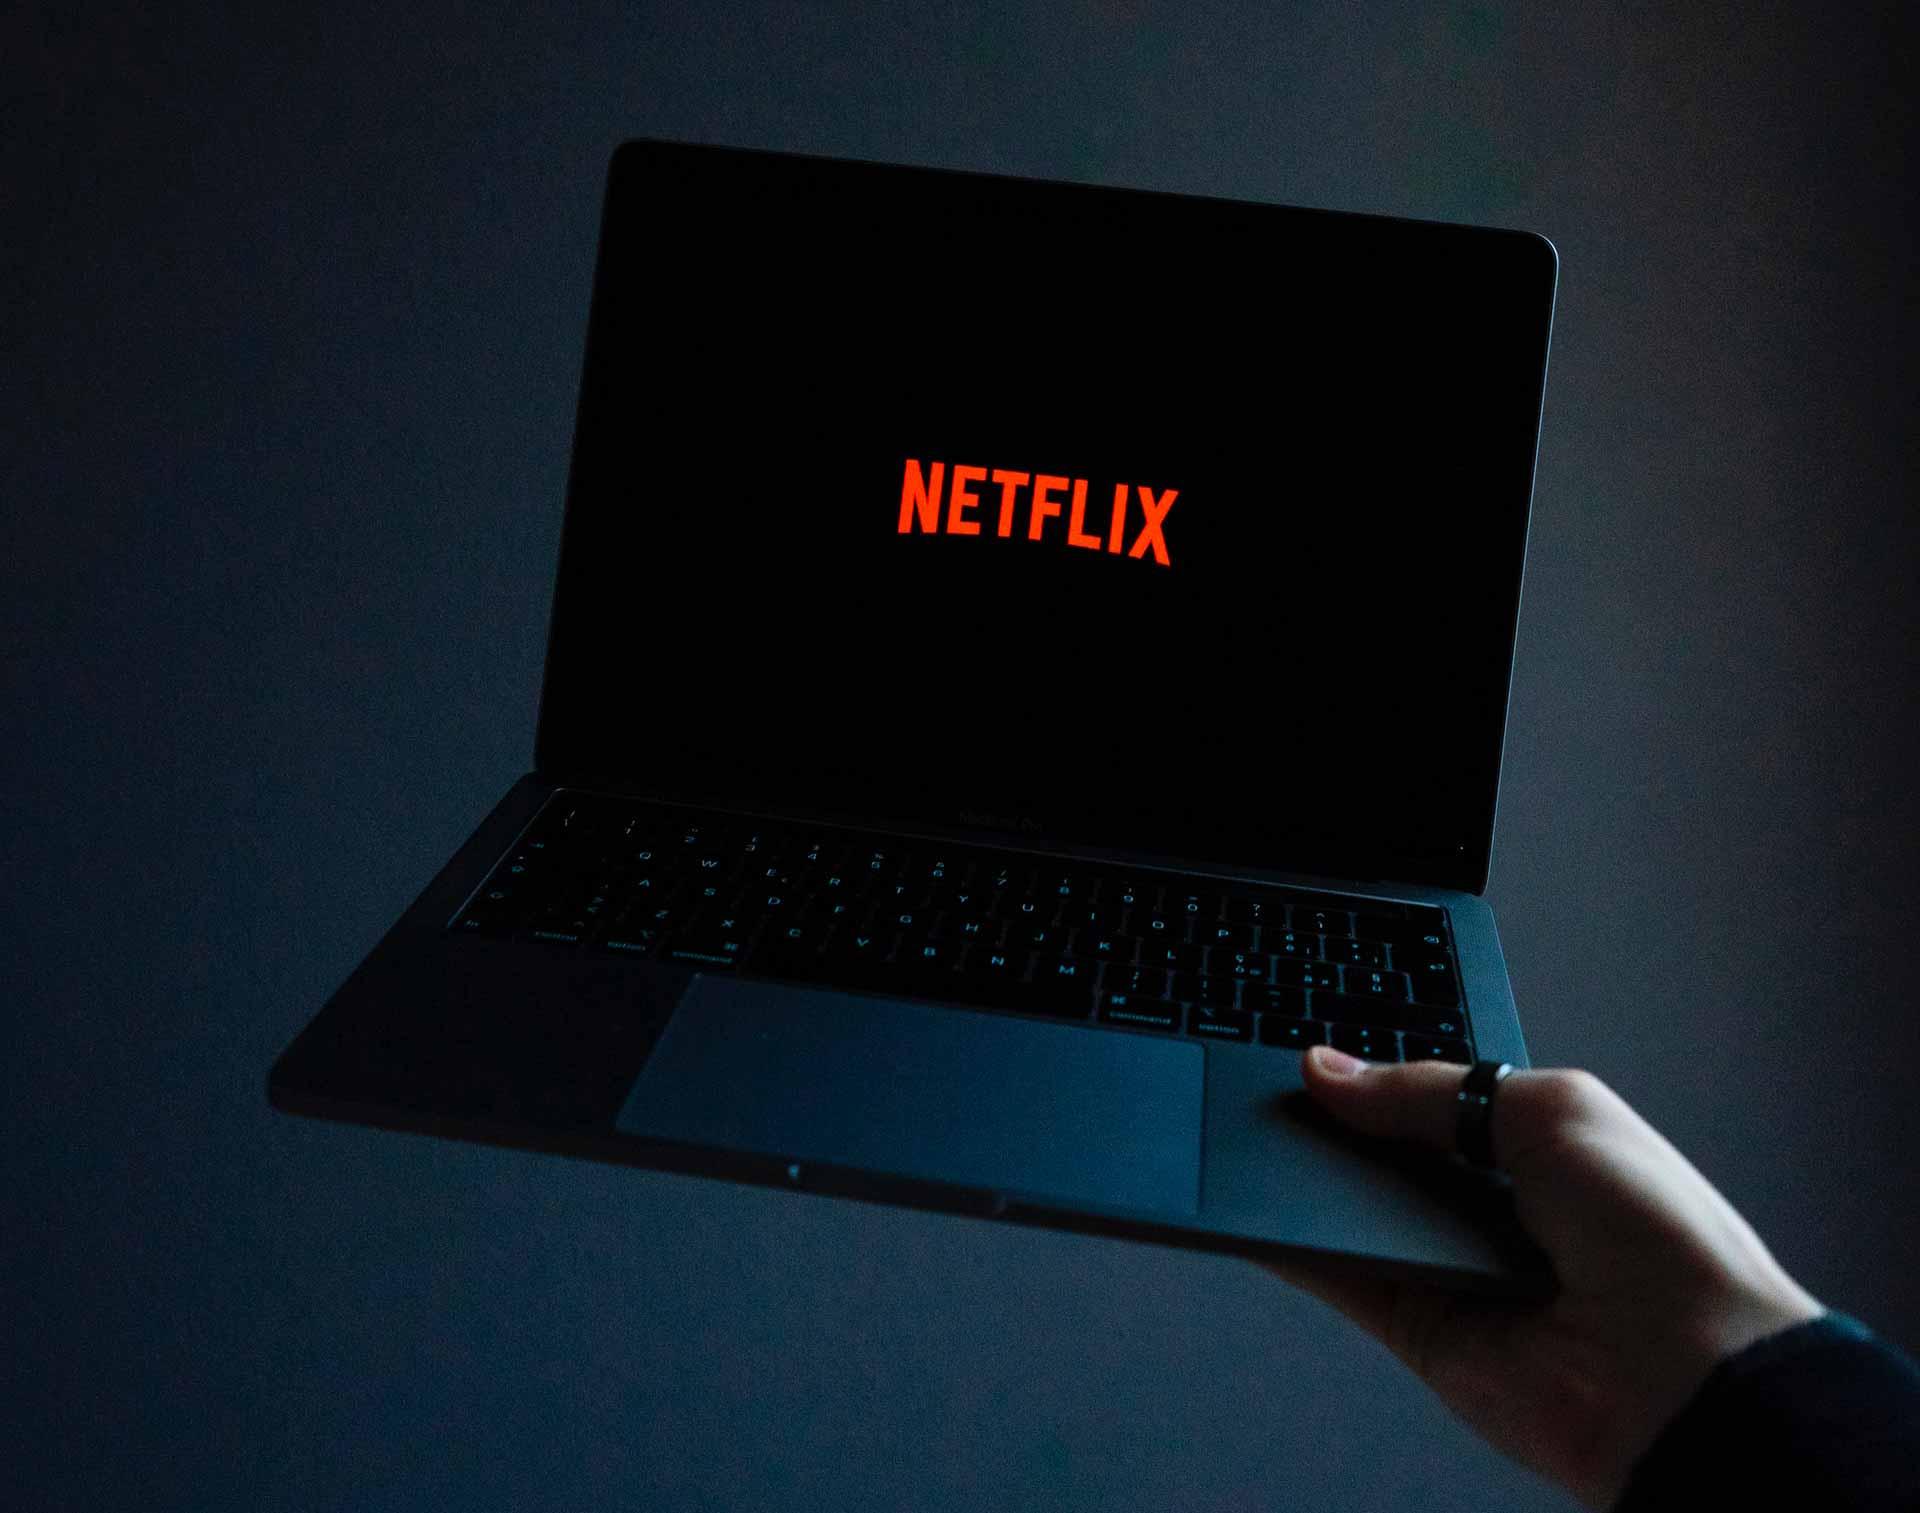 Netflix sur un ordinateur portable tenu à bras levé